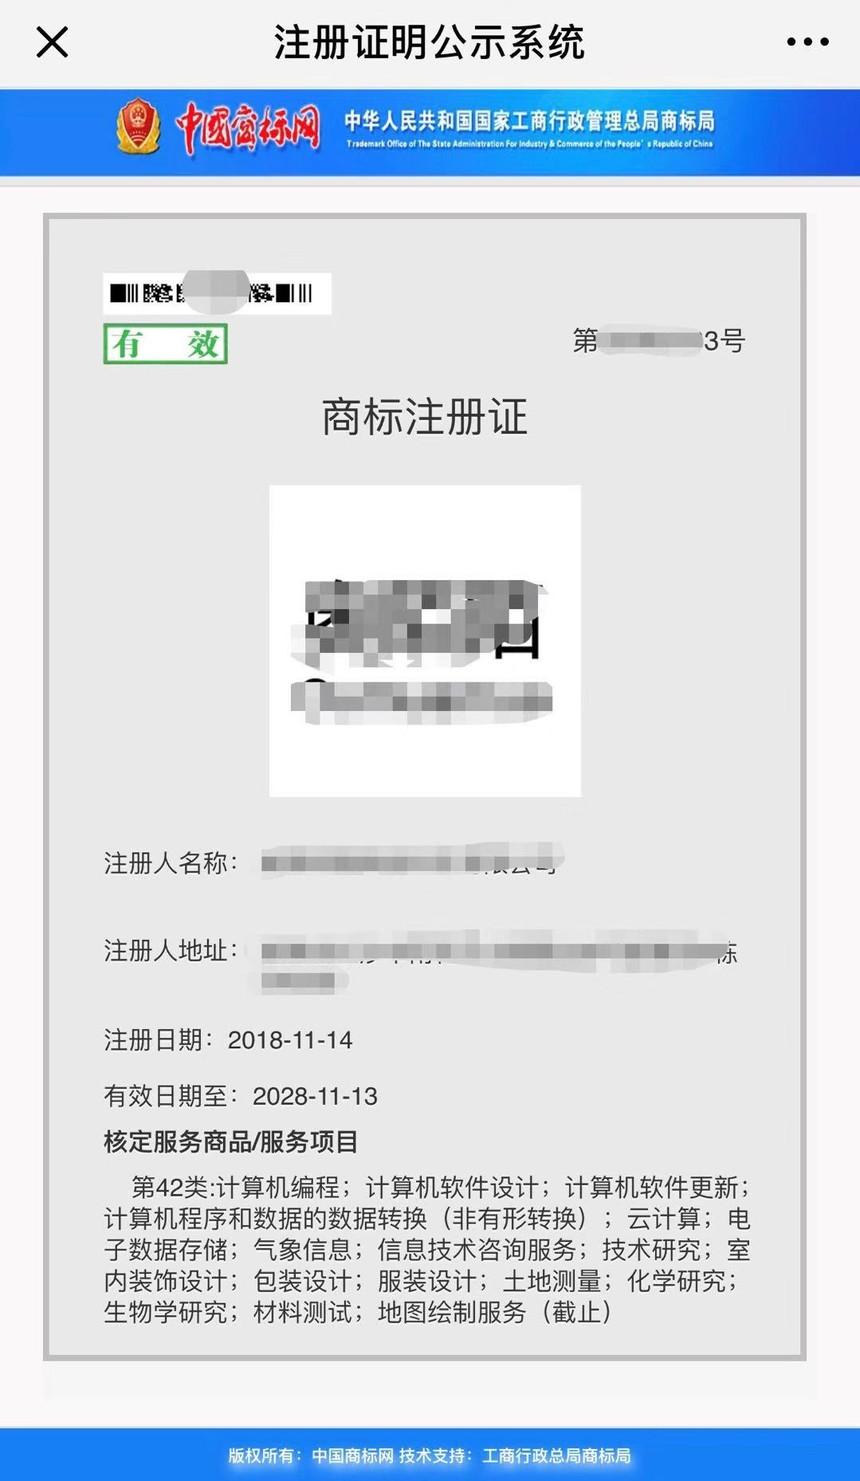 微信图片_20181221100634.jpg